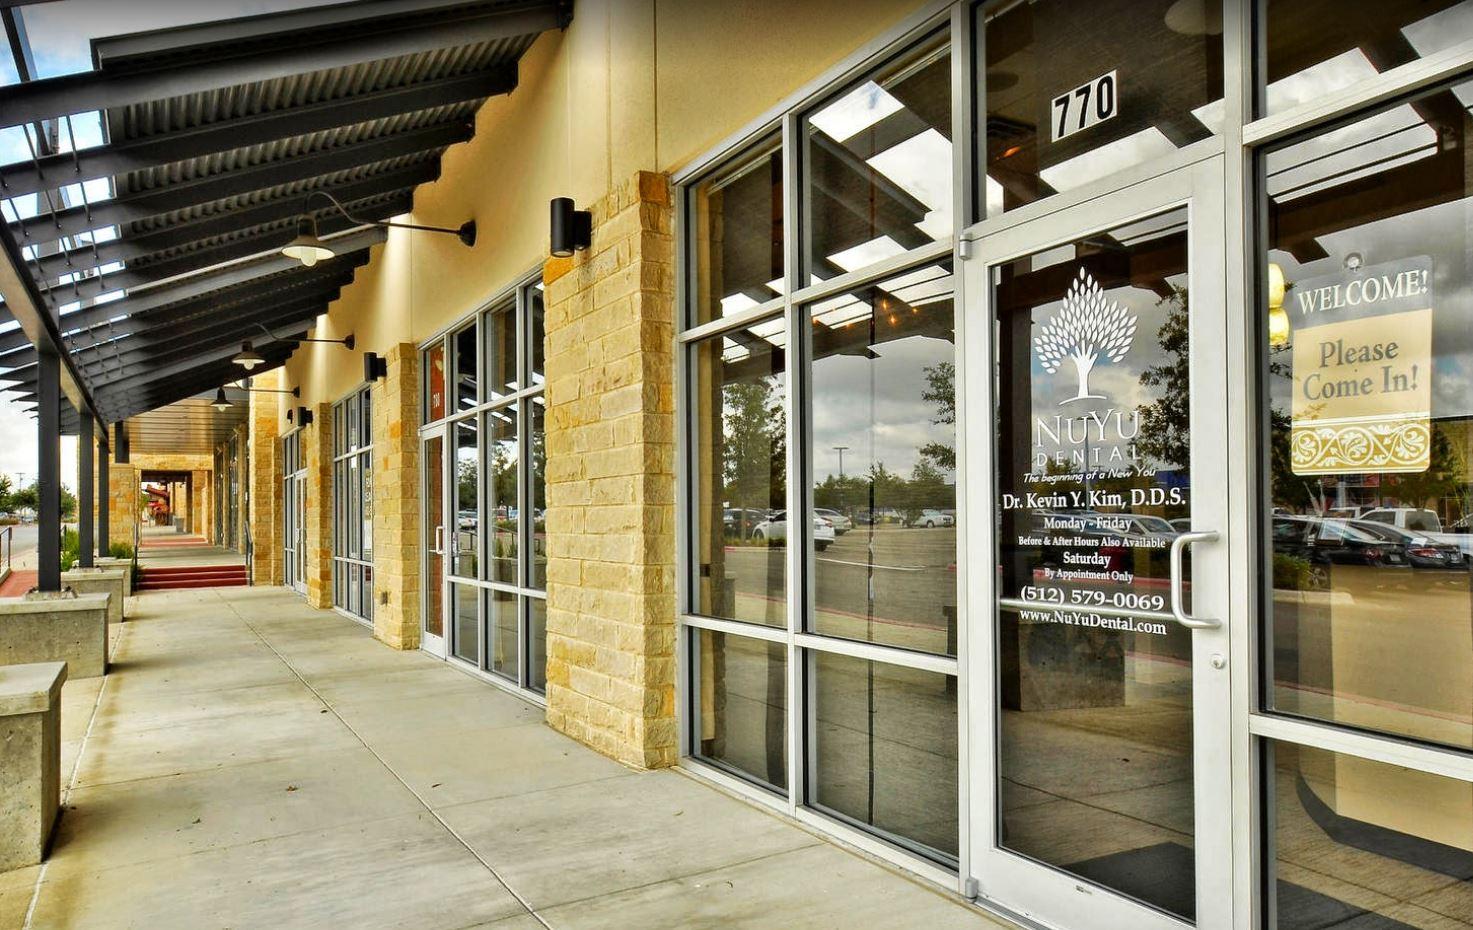 1 Dentist in Round Rock, TX | NuYu Dental - Cosmetic